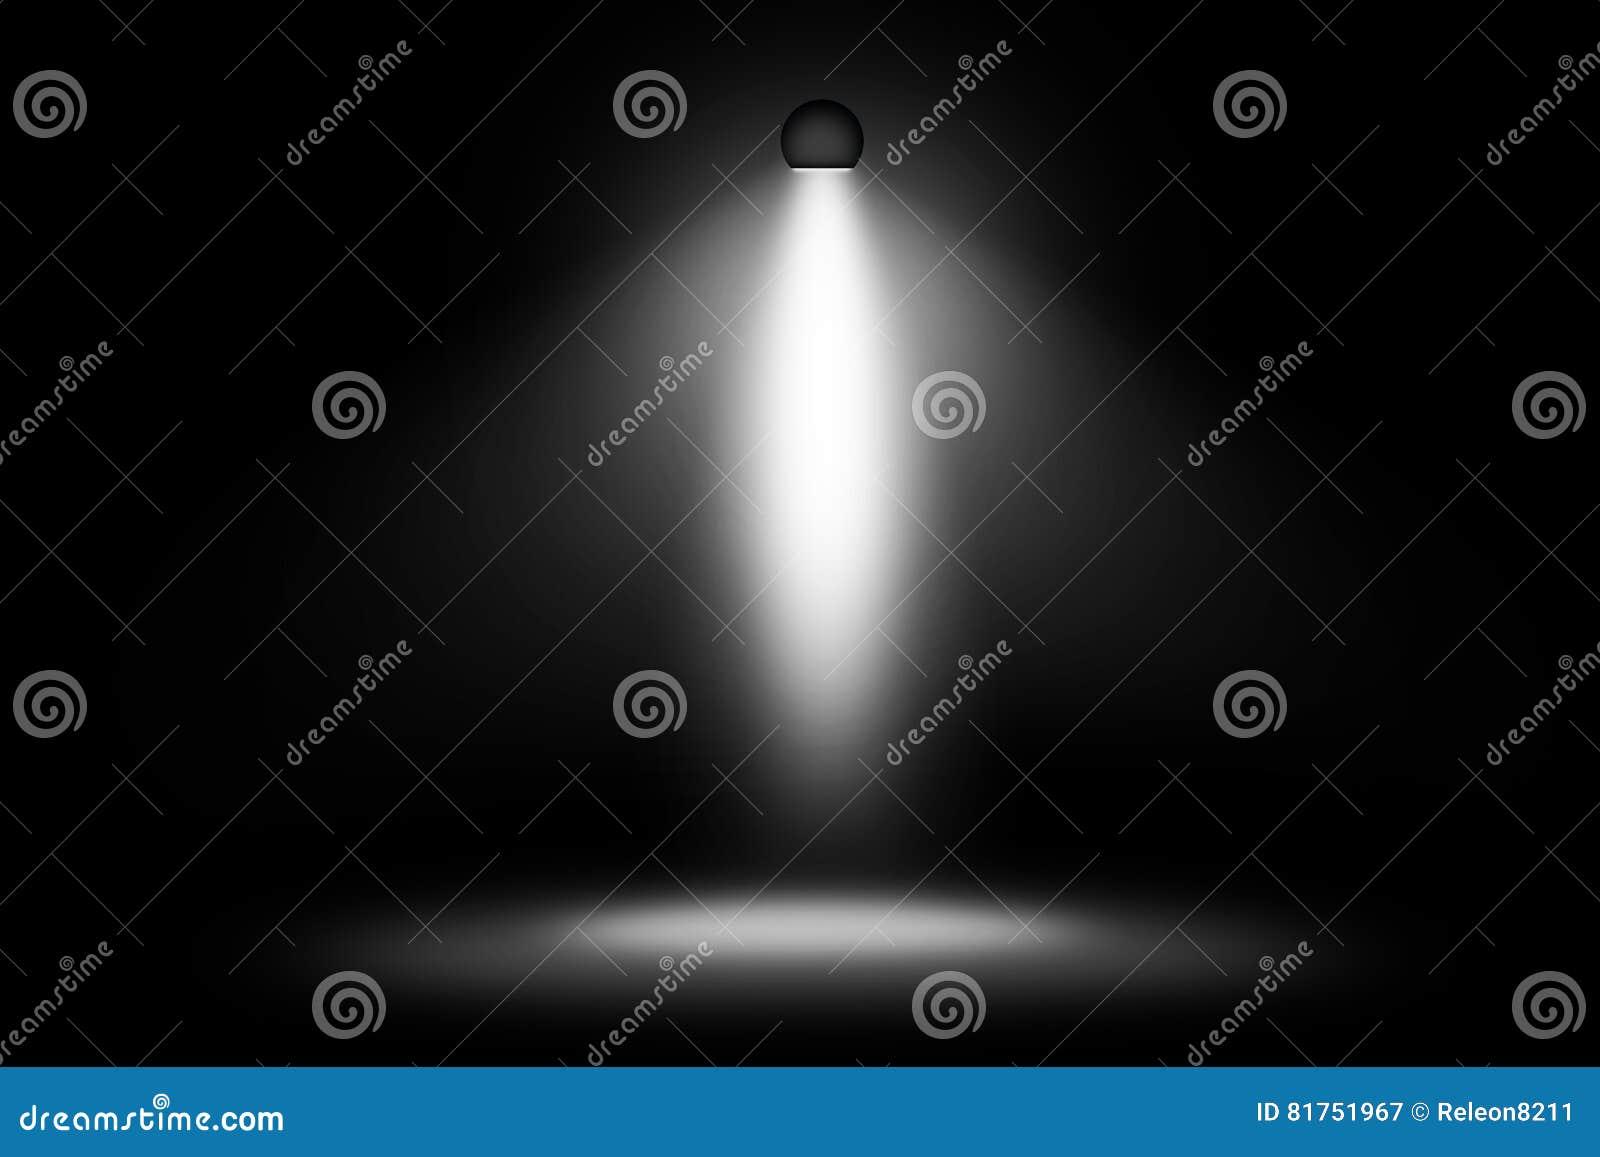 White spotlight design background stock illustration for Spotlight design